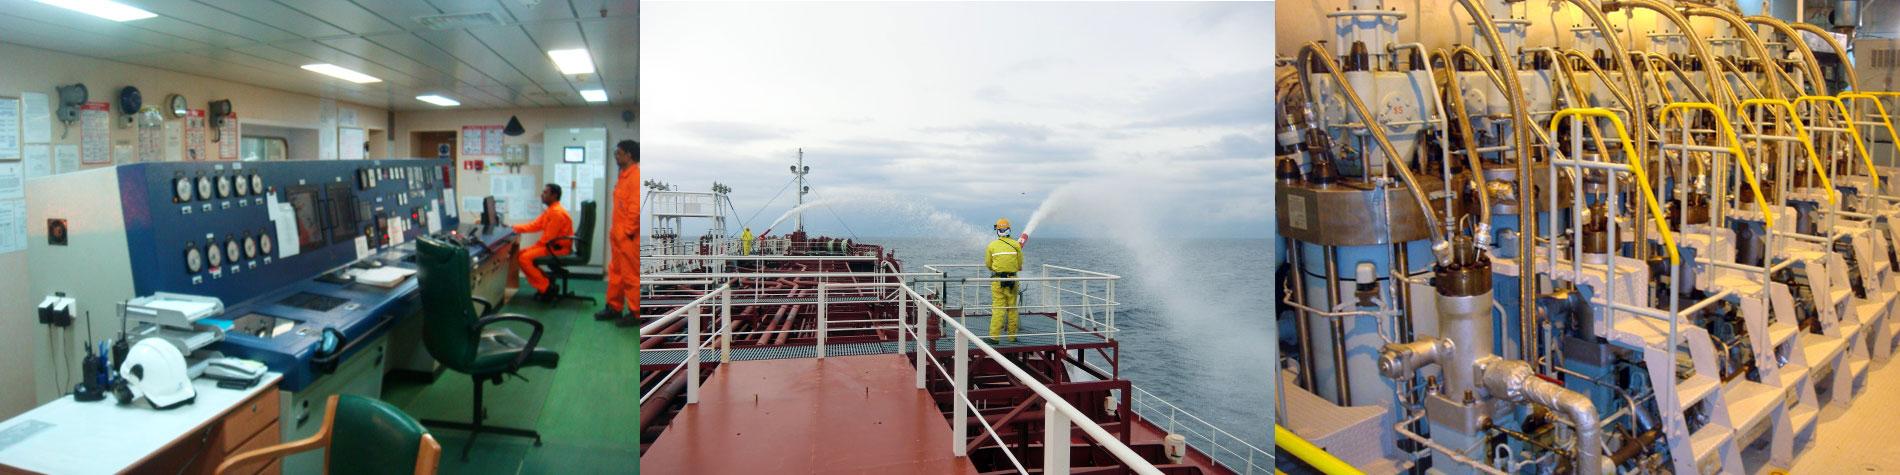 船舶検査員派遣事業